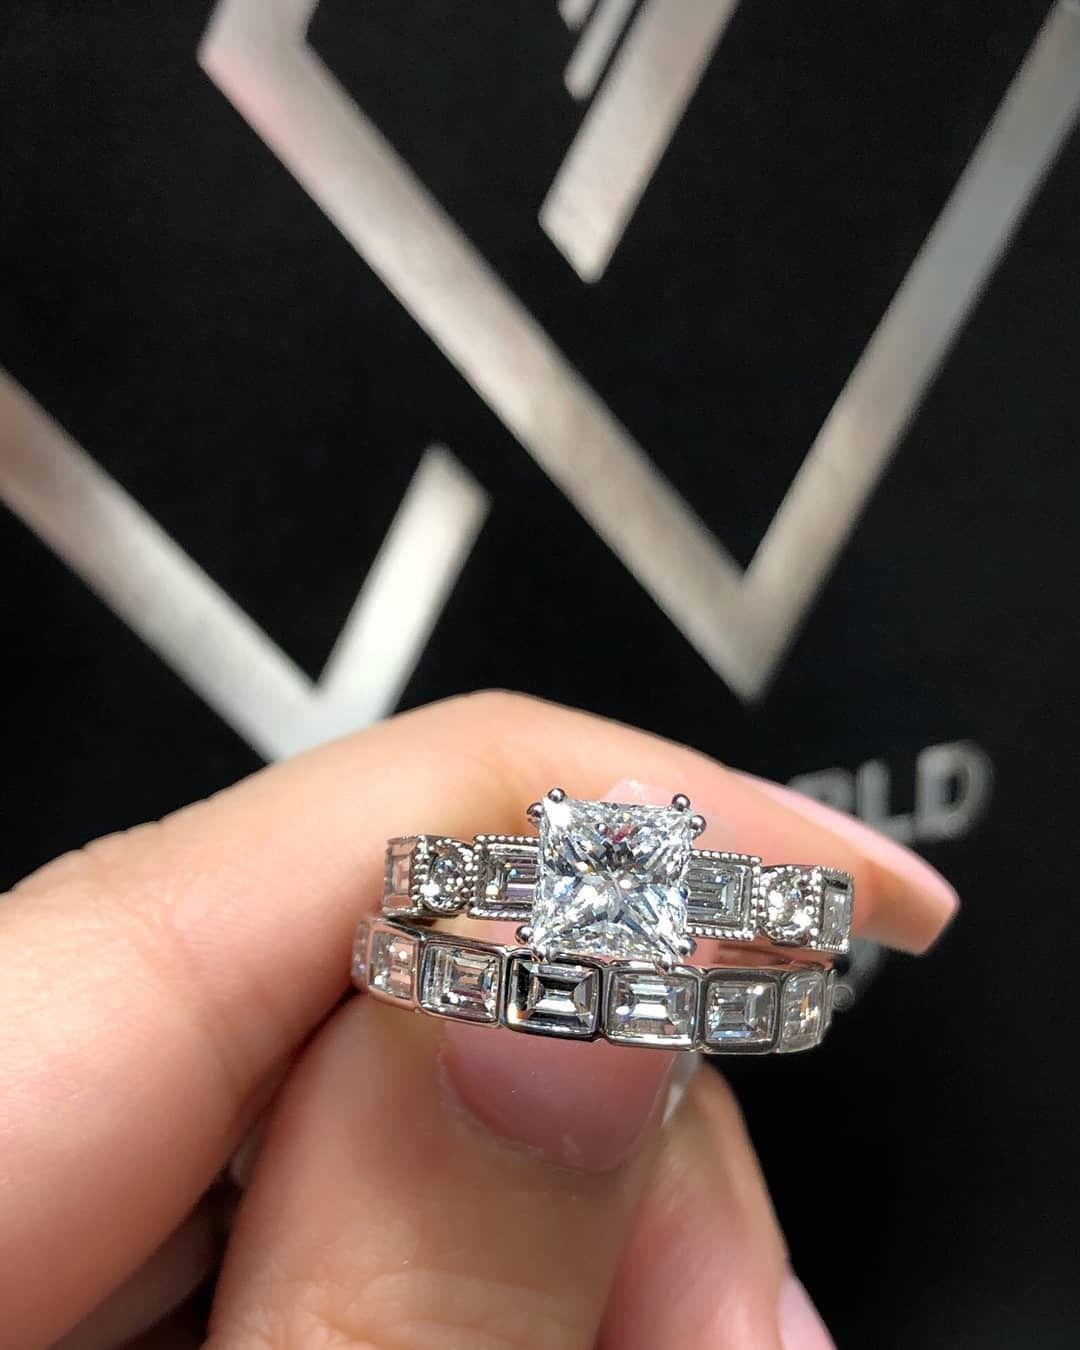 Diamond Engagement Ring Wedding Band Set Engagement Rings Wedding Bands Set Wedding Rings Engagement Wedding Band Sets